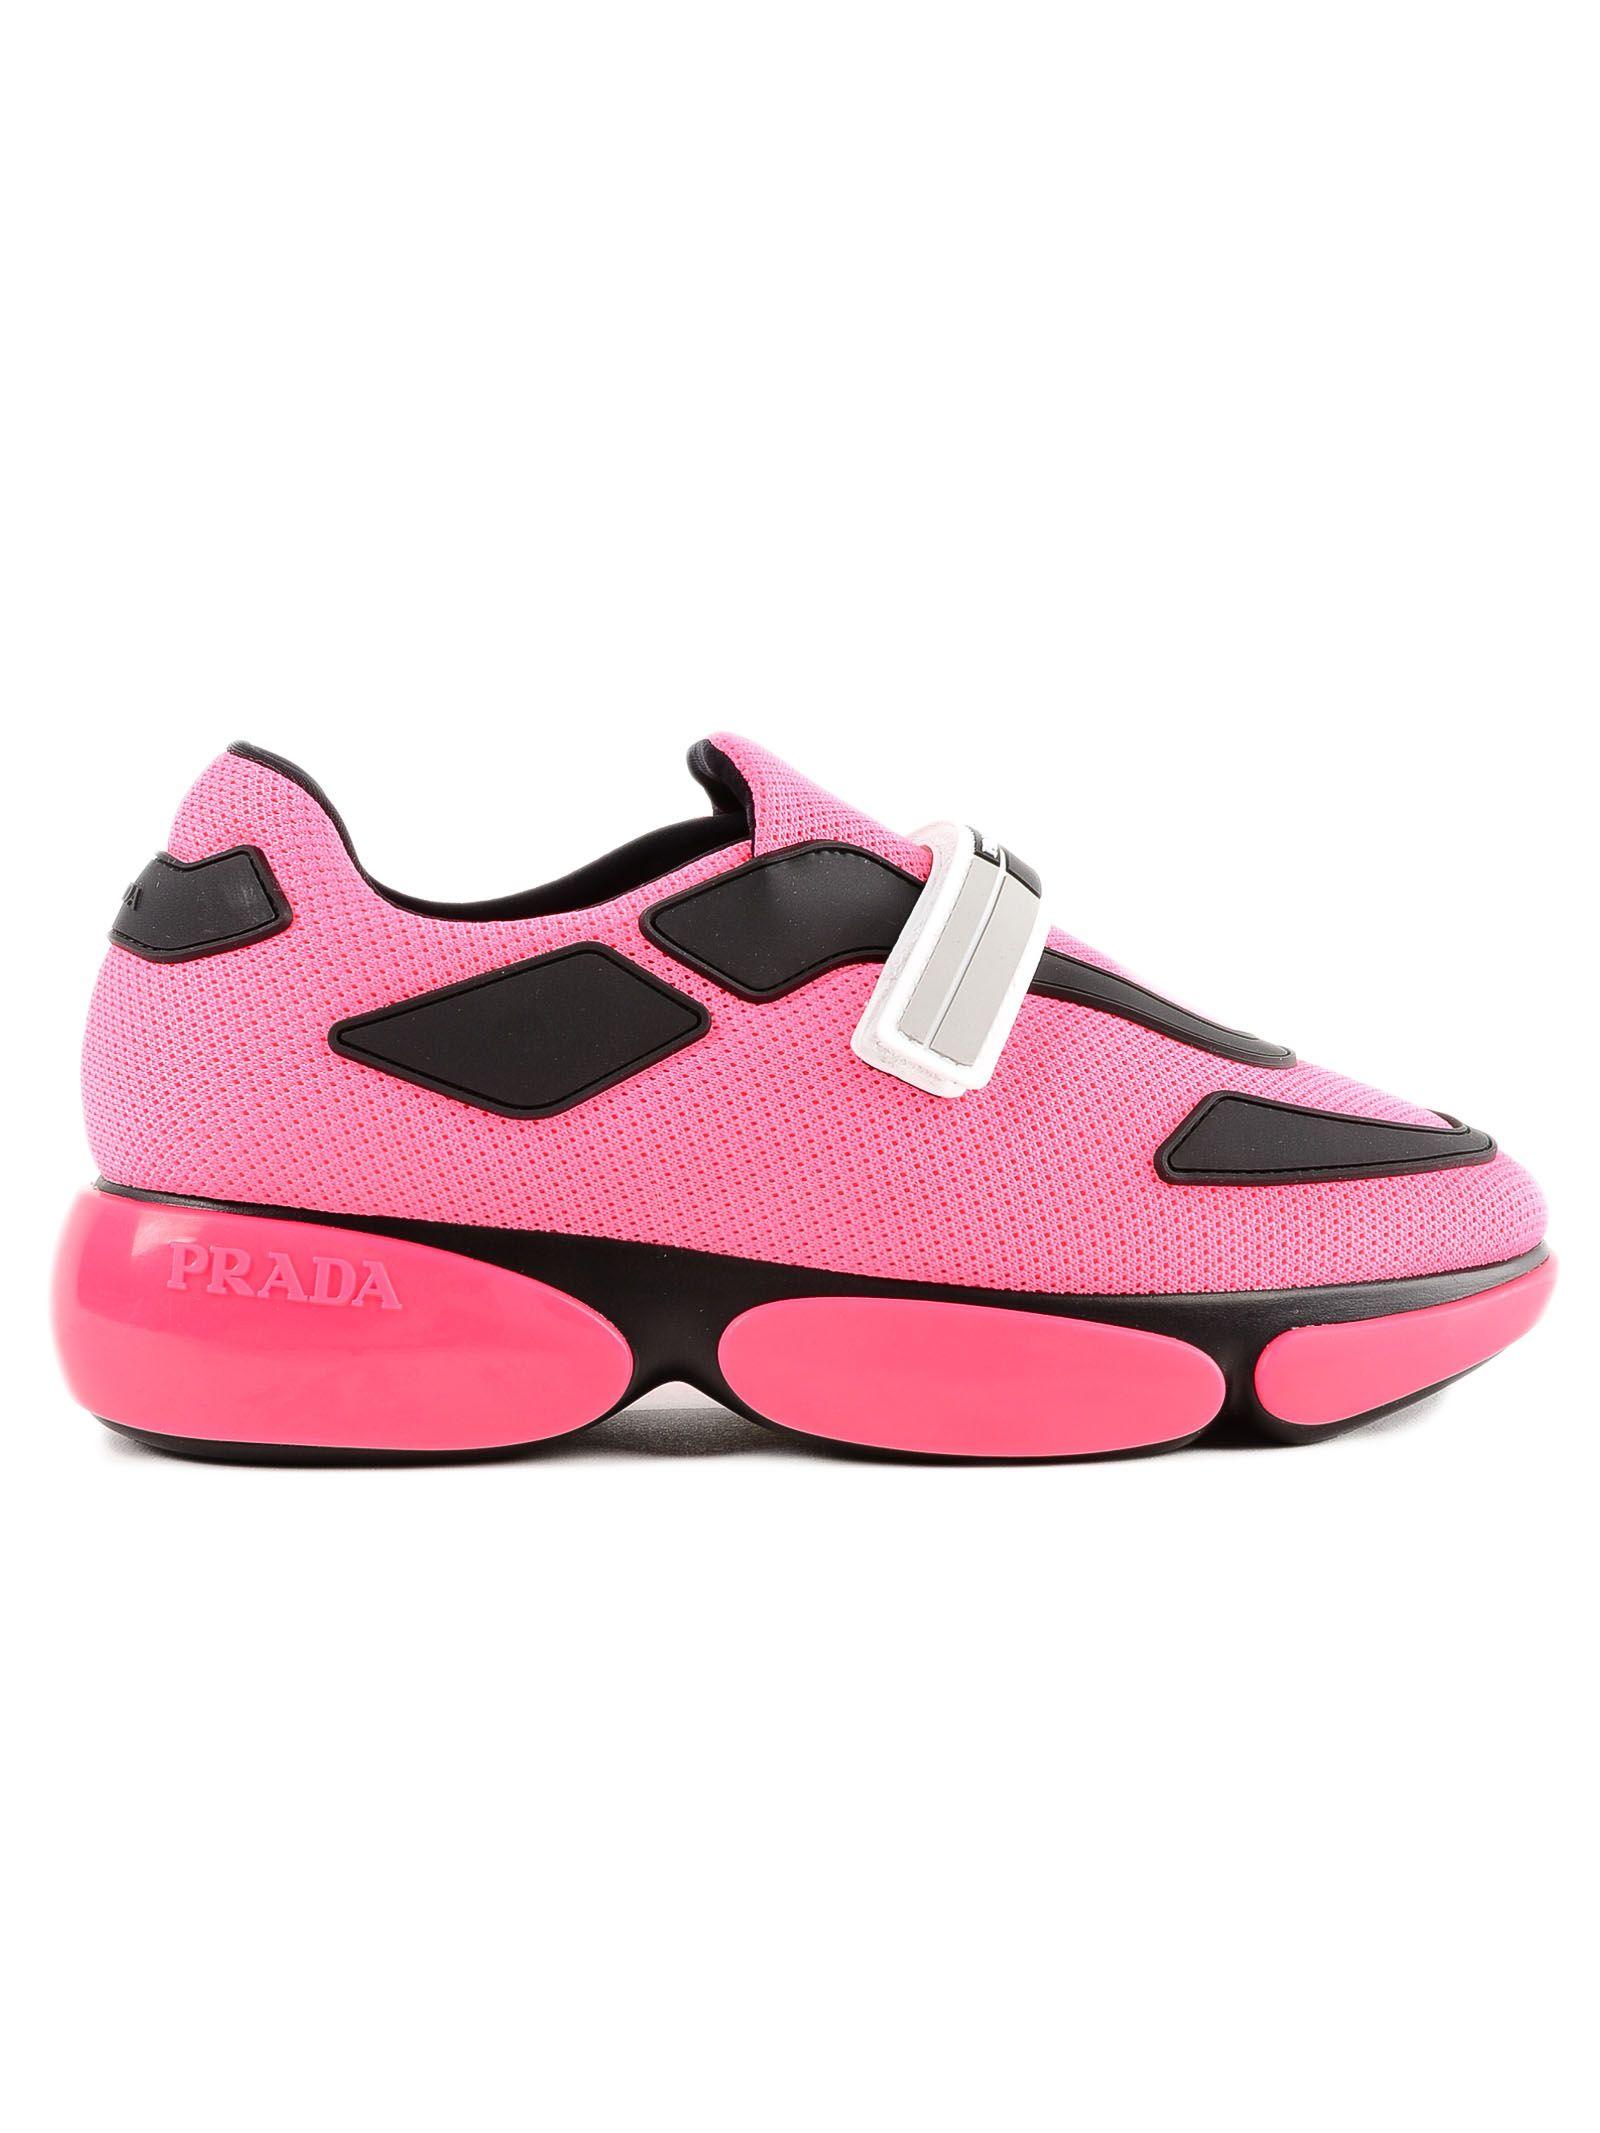 prada -  Cloudbust 40 Low-top Sneakers